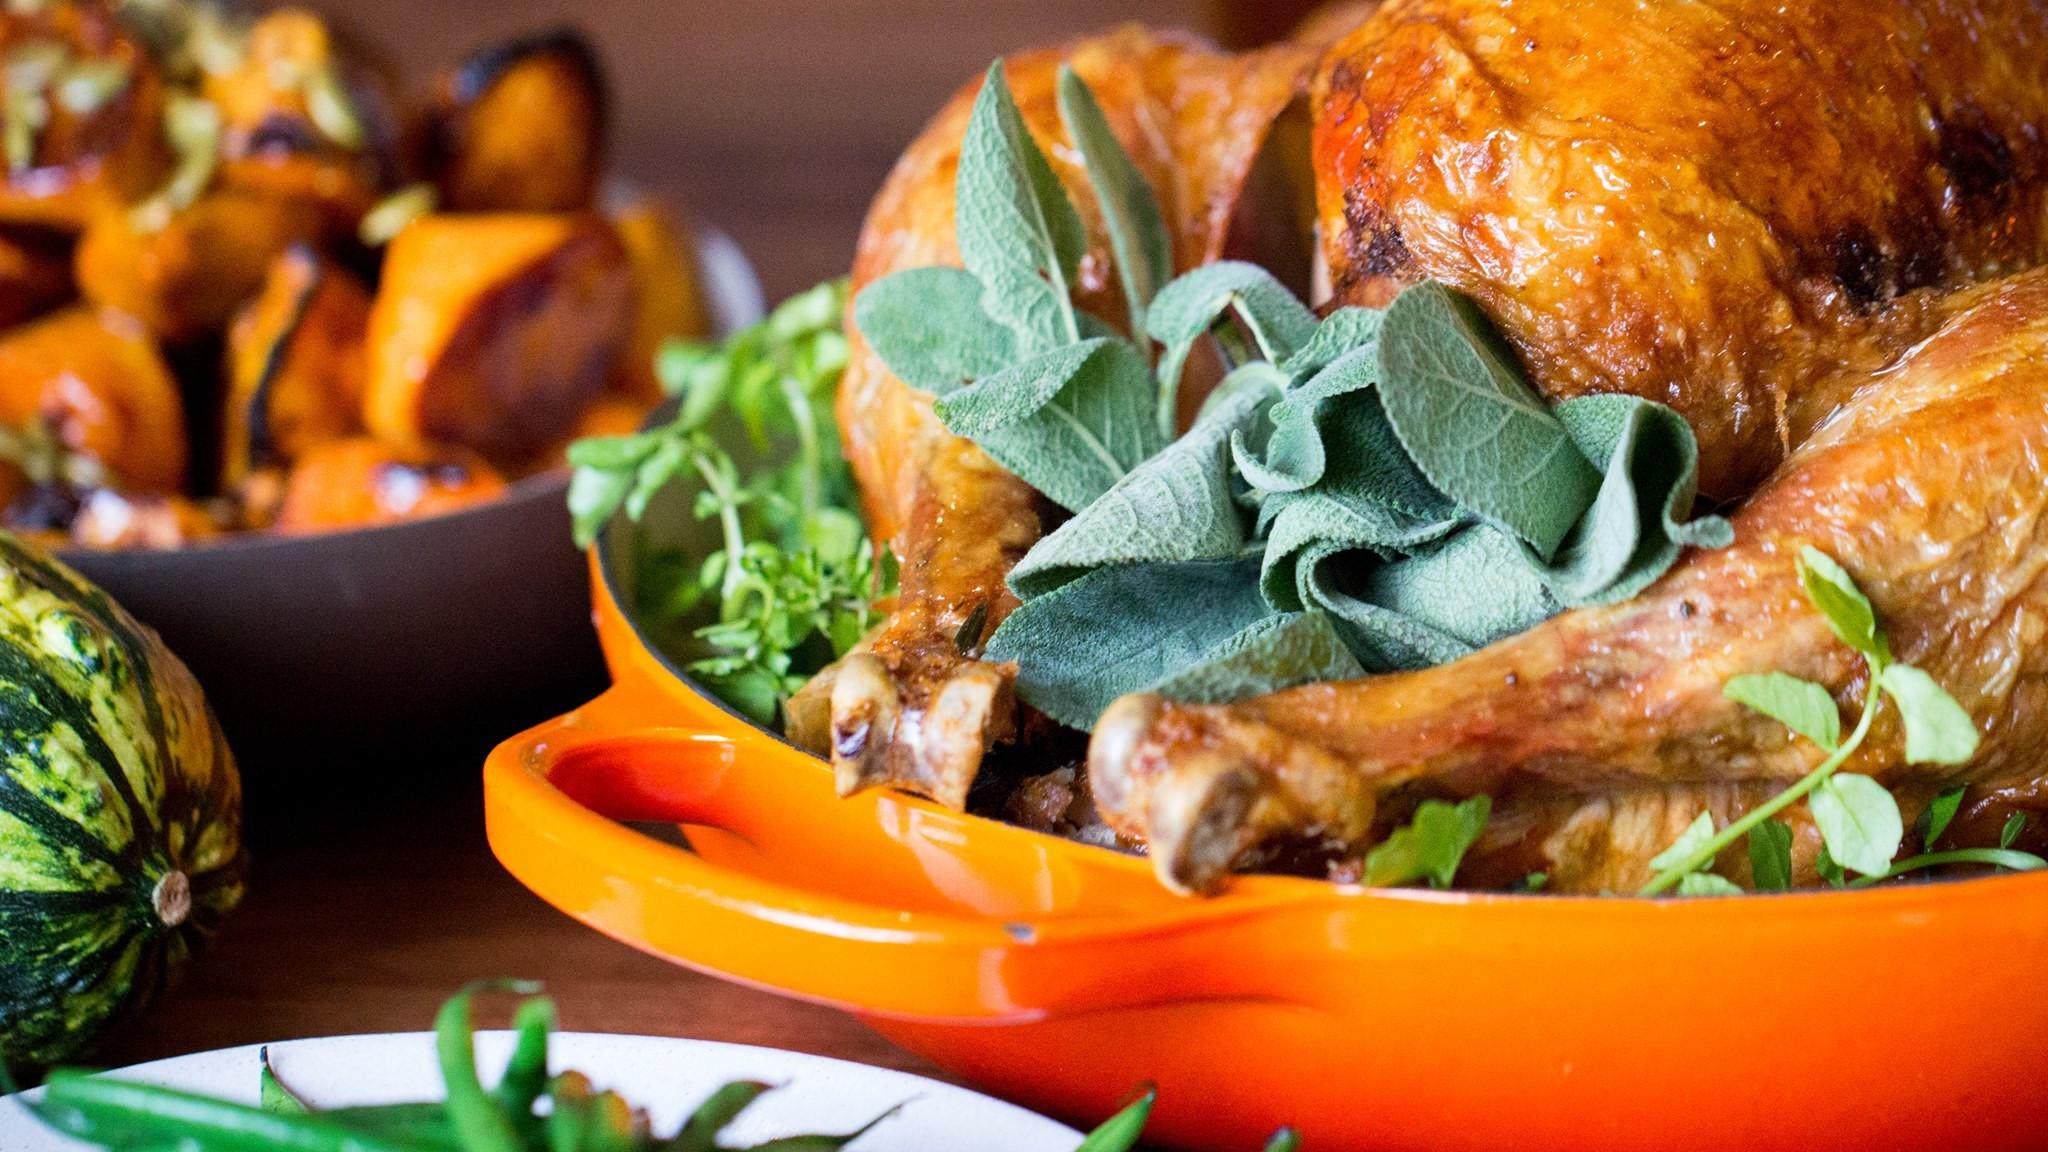 Thanksgiving Dinner Restaurants  Restaurants that Serve Thanksgiving Dinner in Seattle